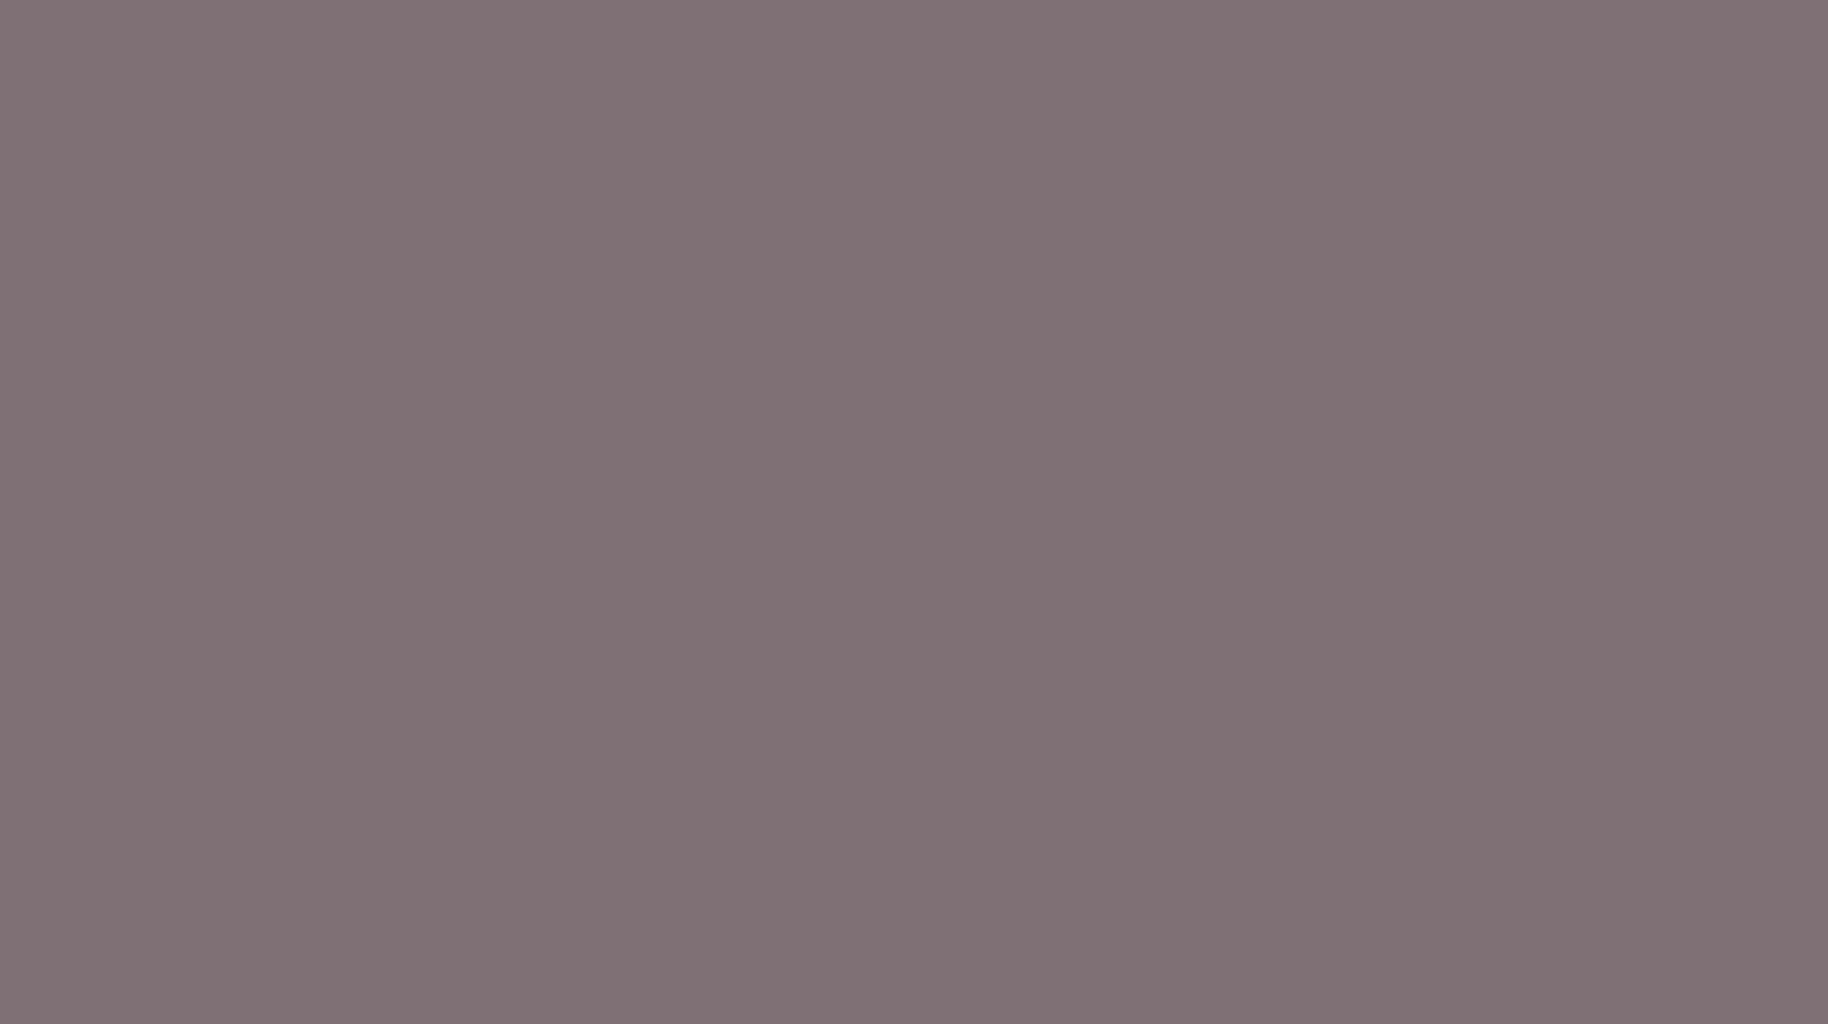 screen-shot-2021-09-13-at-1.05.04-pm